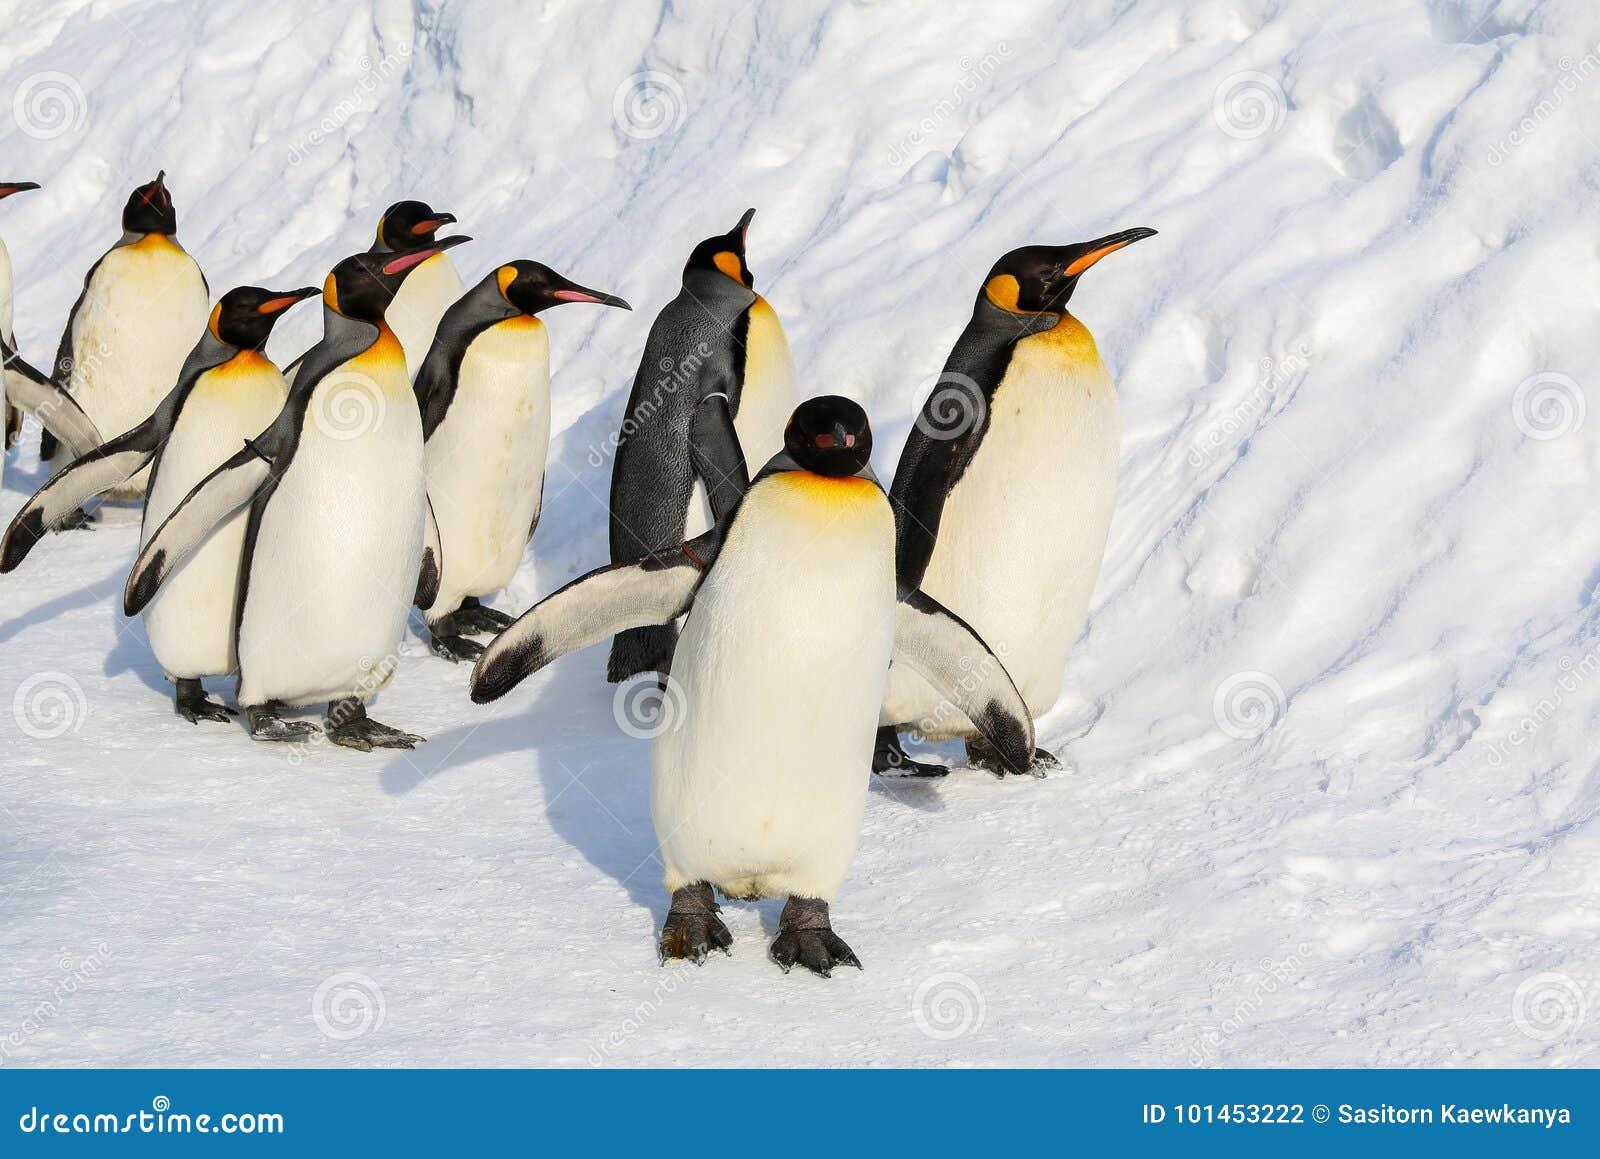 Pinguins de rei que andam na neve